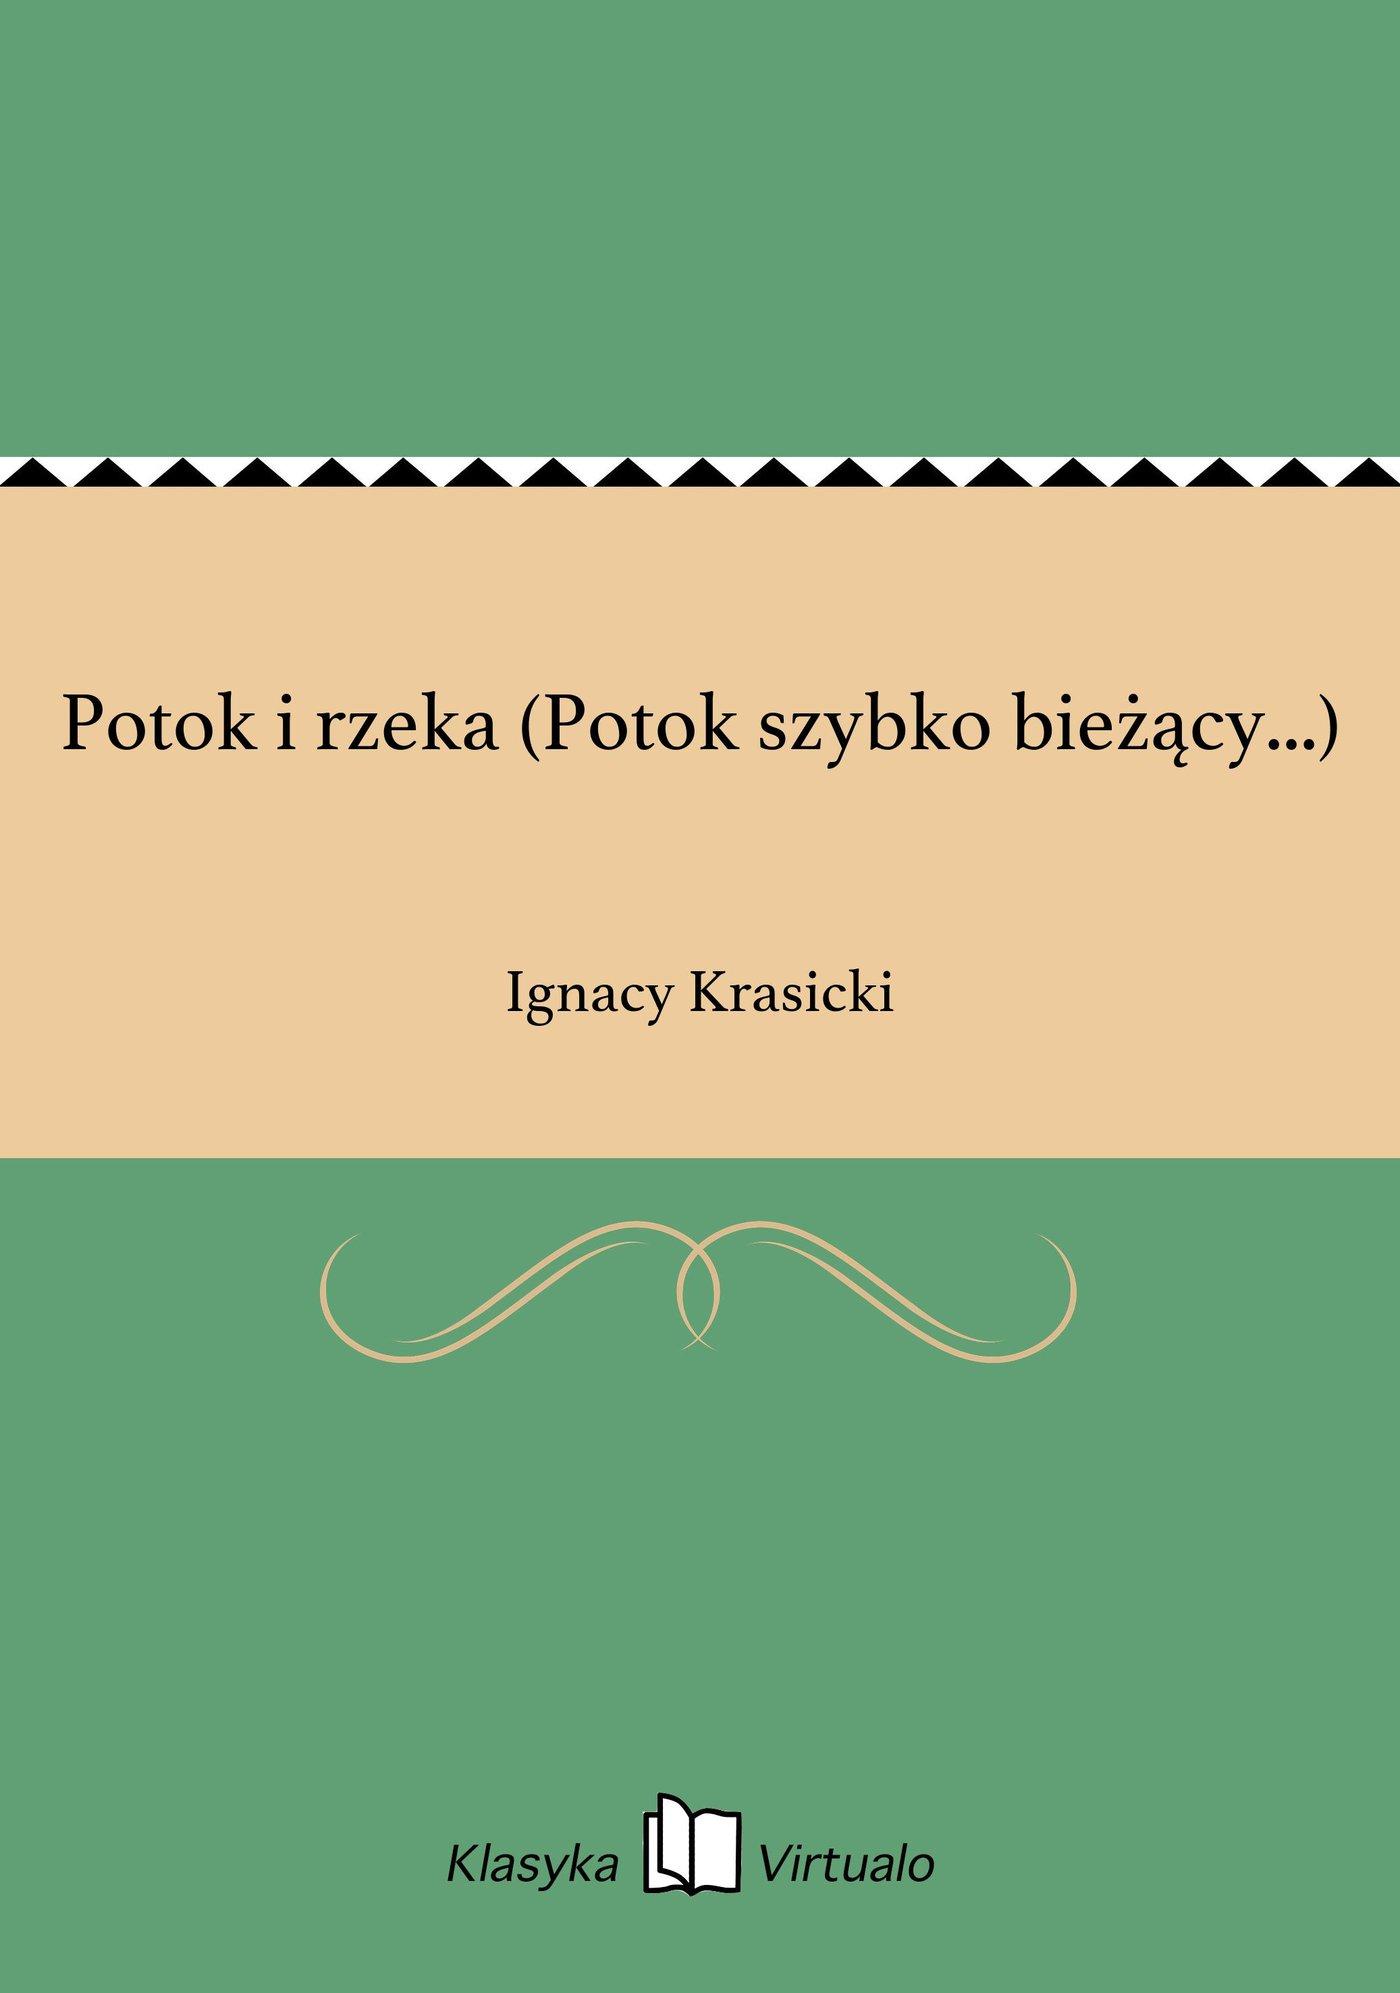 Potok i rzeka (Potok szybko bieżący...) - Ebook (Książka EPUB) do pobrania w formacie EPUB